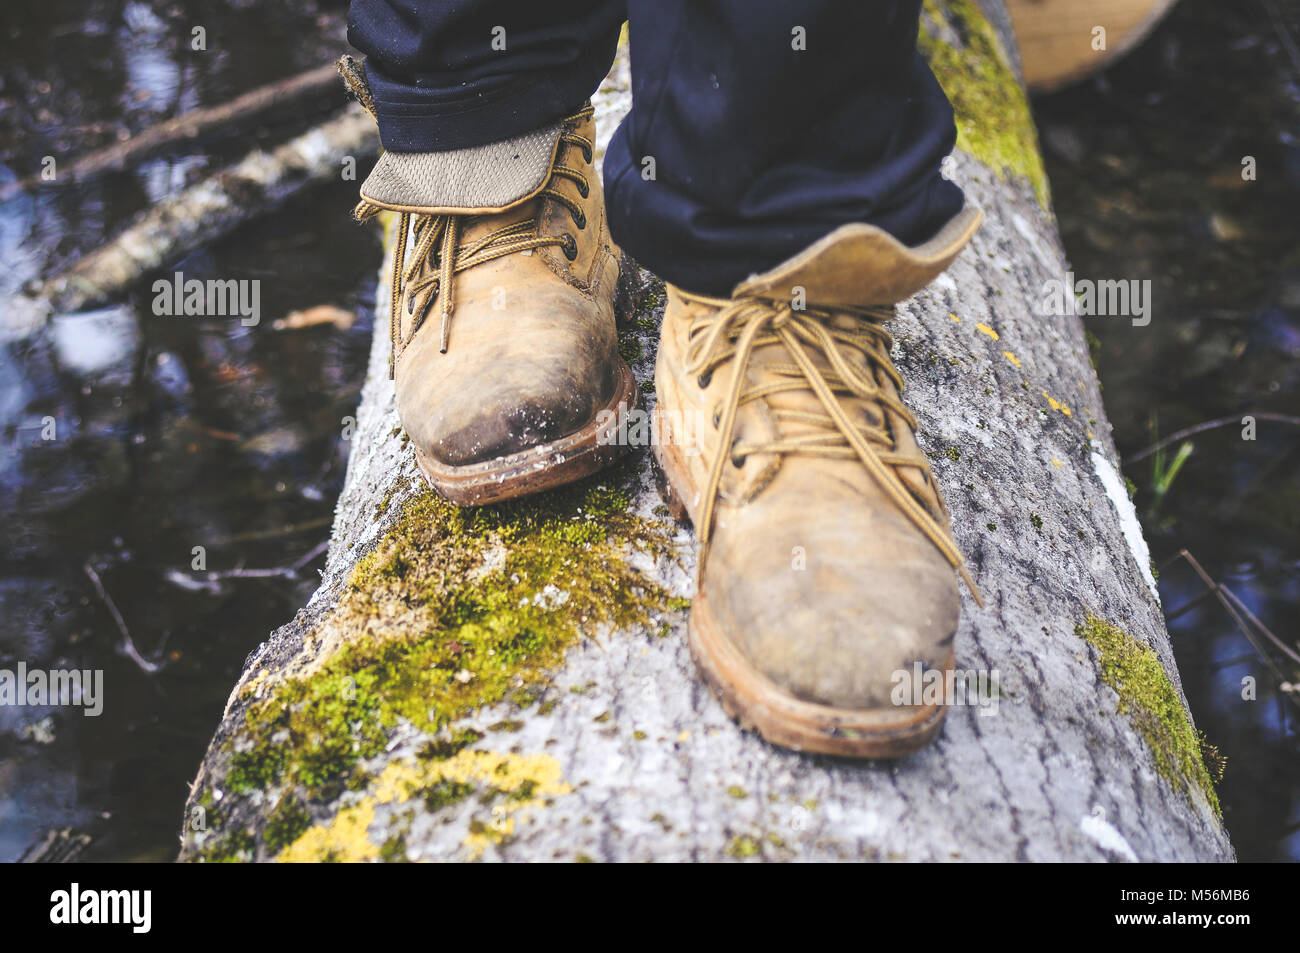 Sorge su un tronco di legno. Ambiente forestale. Immagini Stock